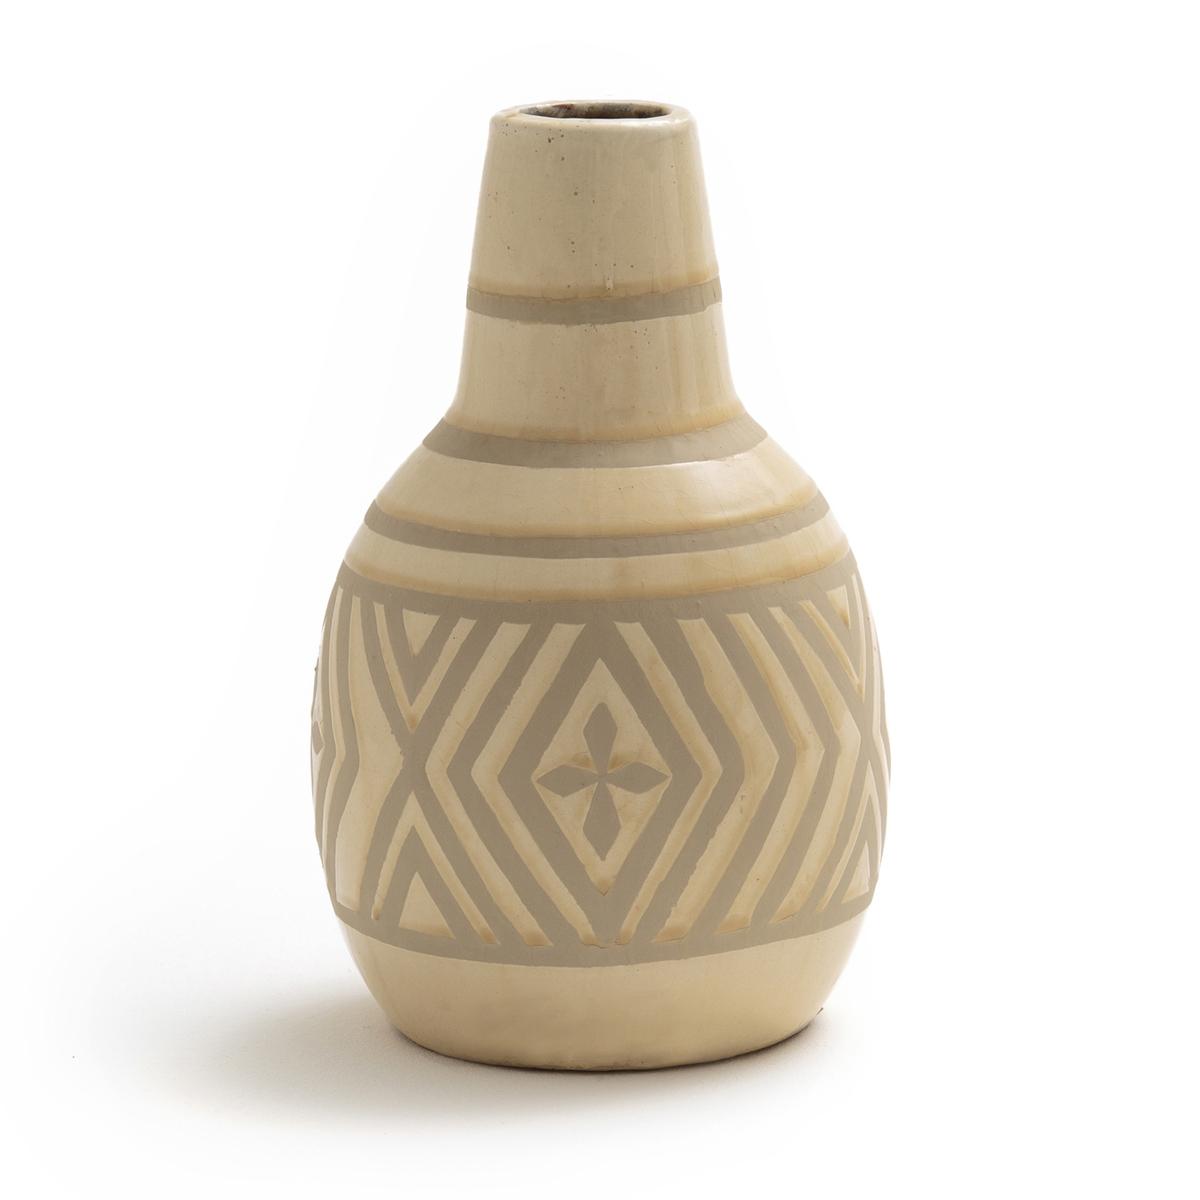 Ваза-бутыль из глины, ANTORRE брошь из кошачьего глаза полимерной глины хрусталя нефрита и пластика яркое лето